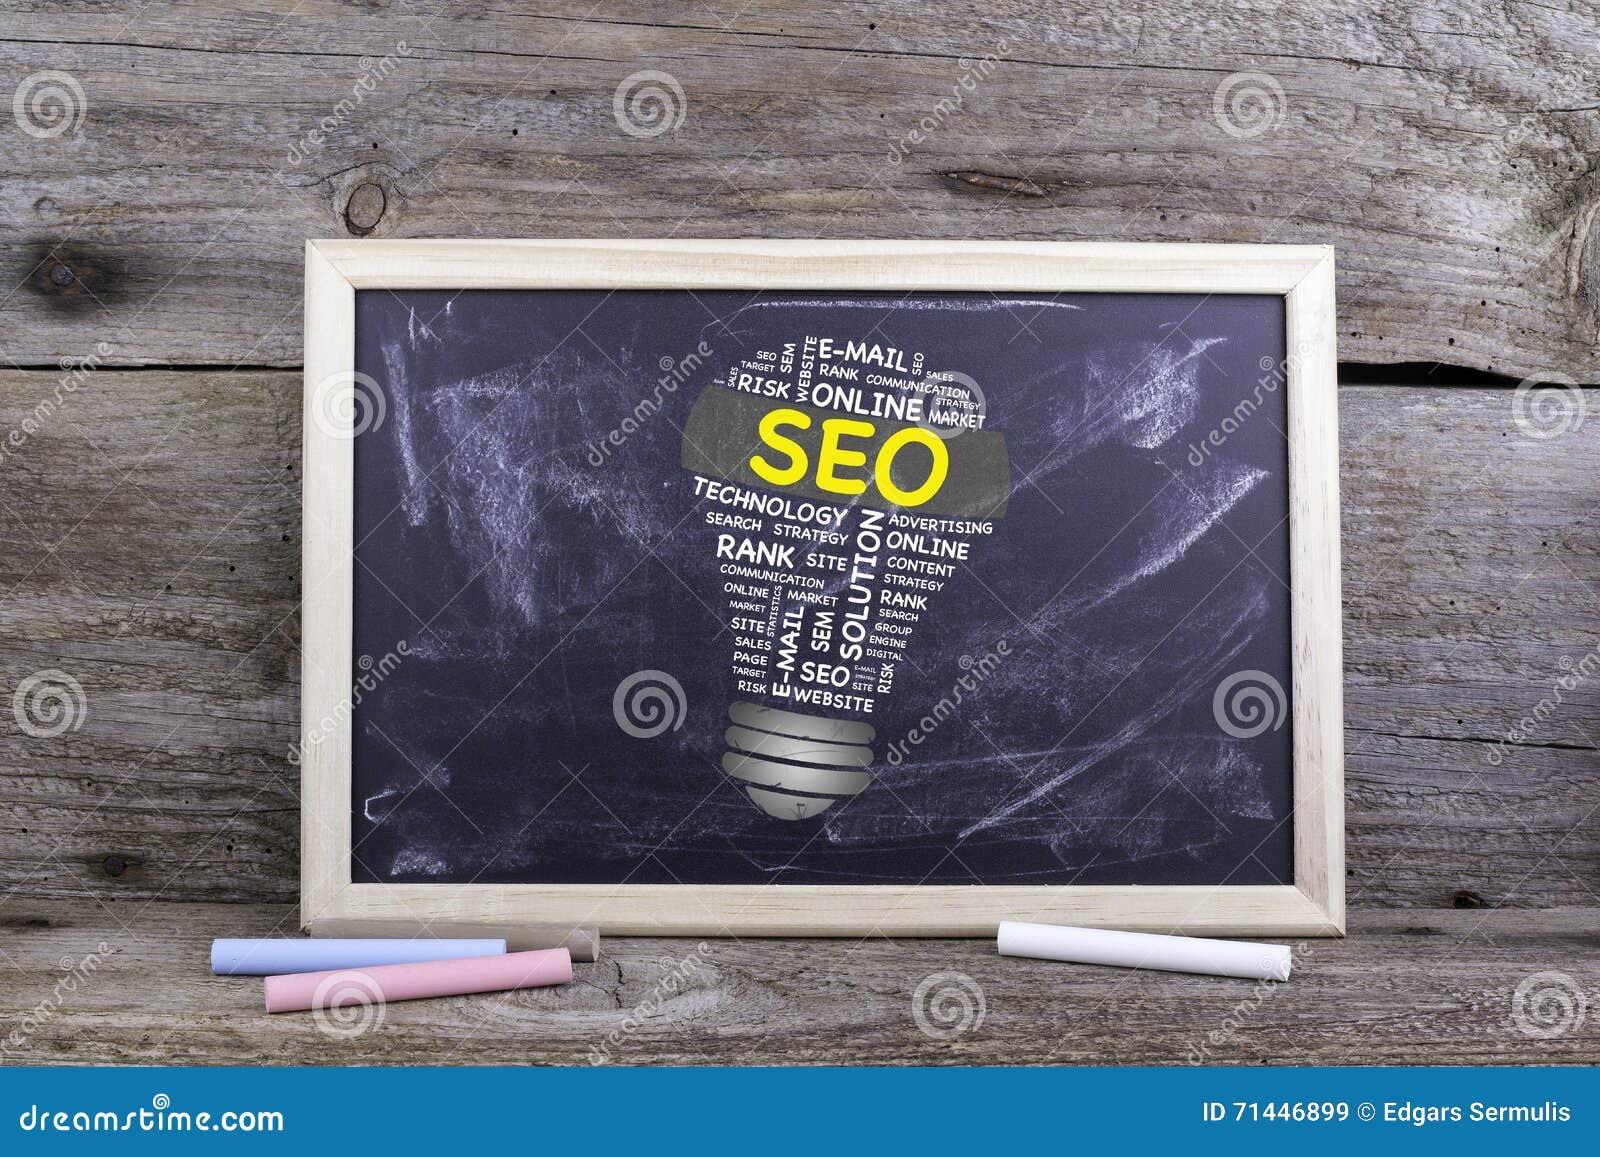 SEO (搜索引擎优化)电灯泡词云彩 粉笔板